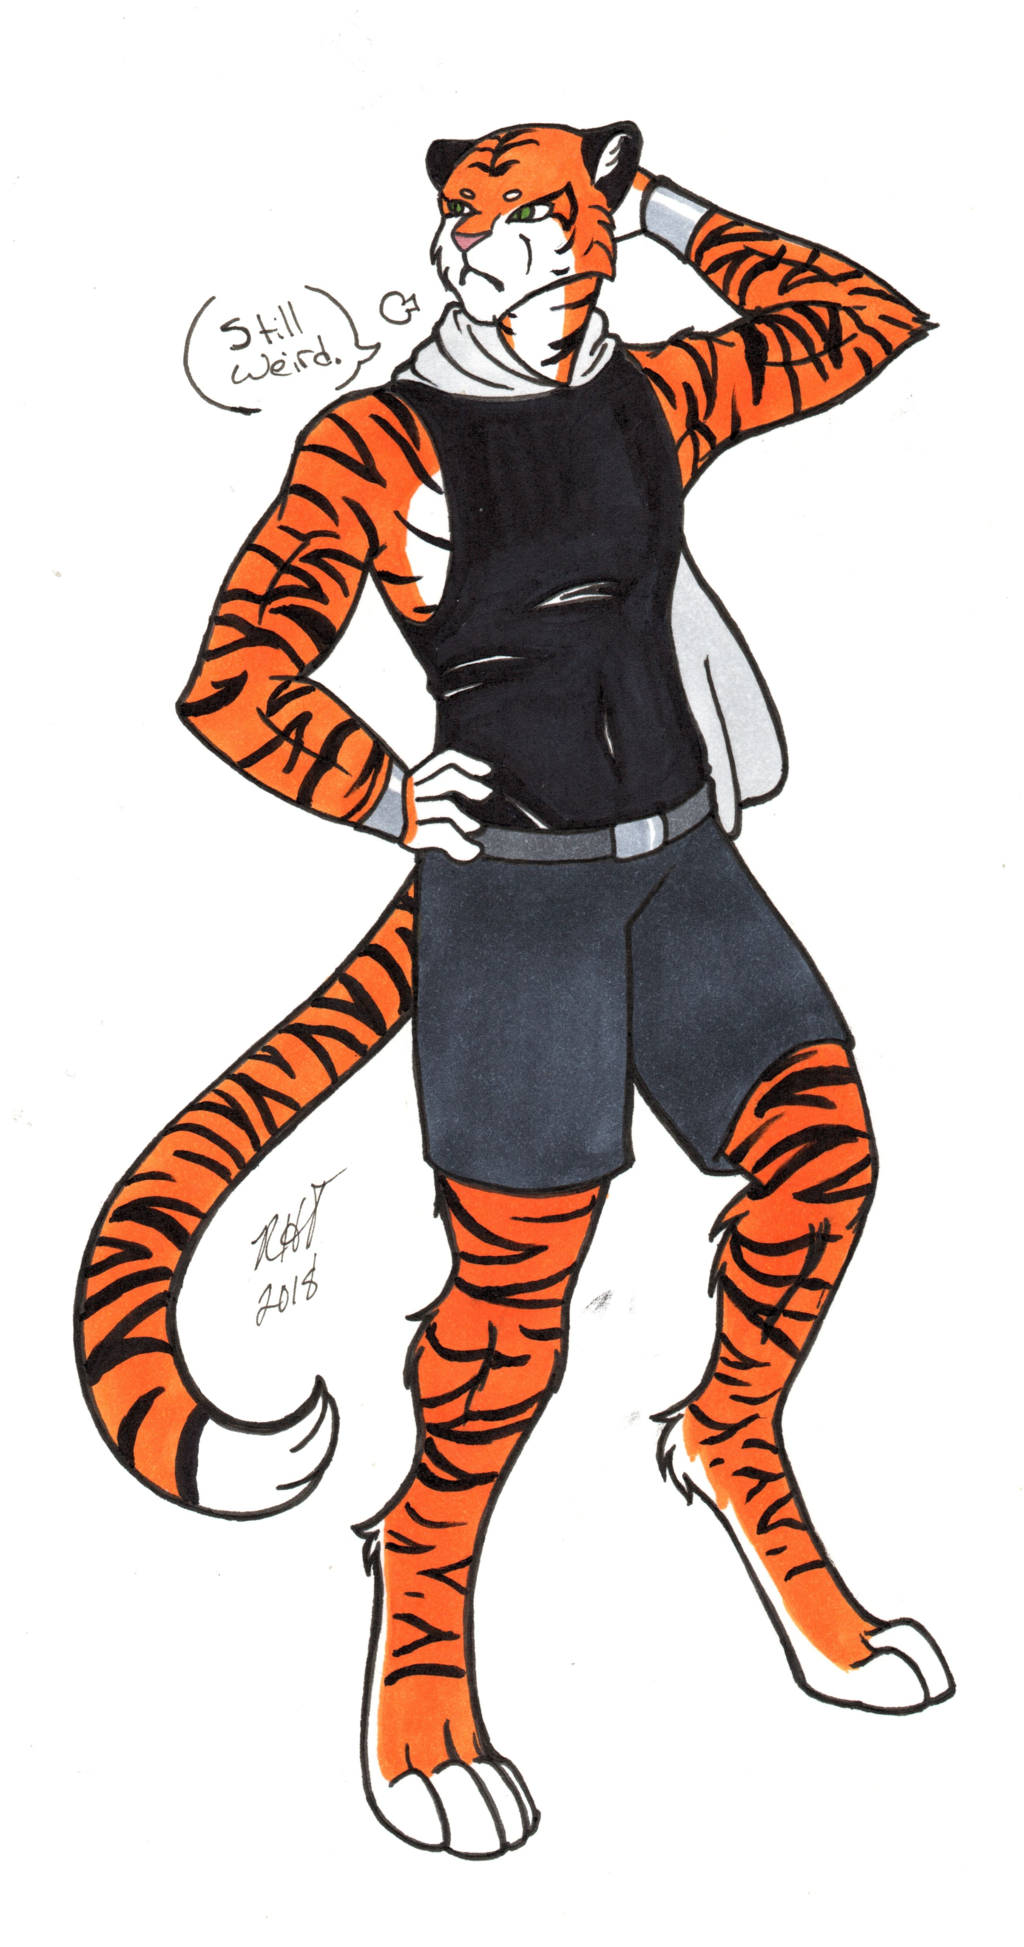 Tall Tiger